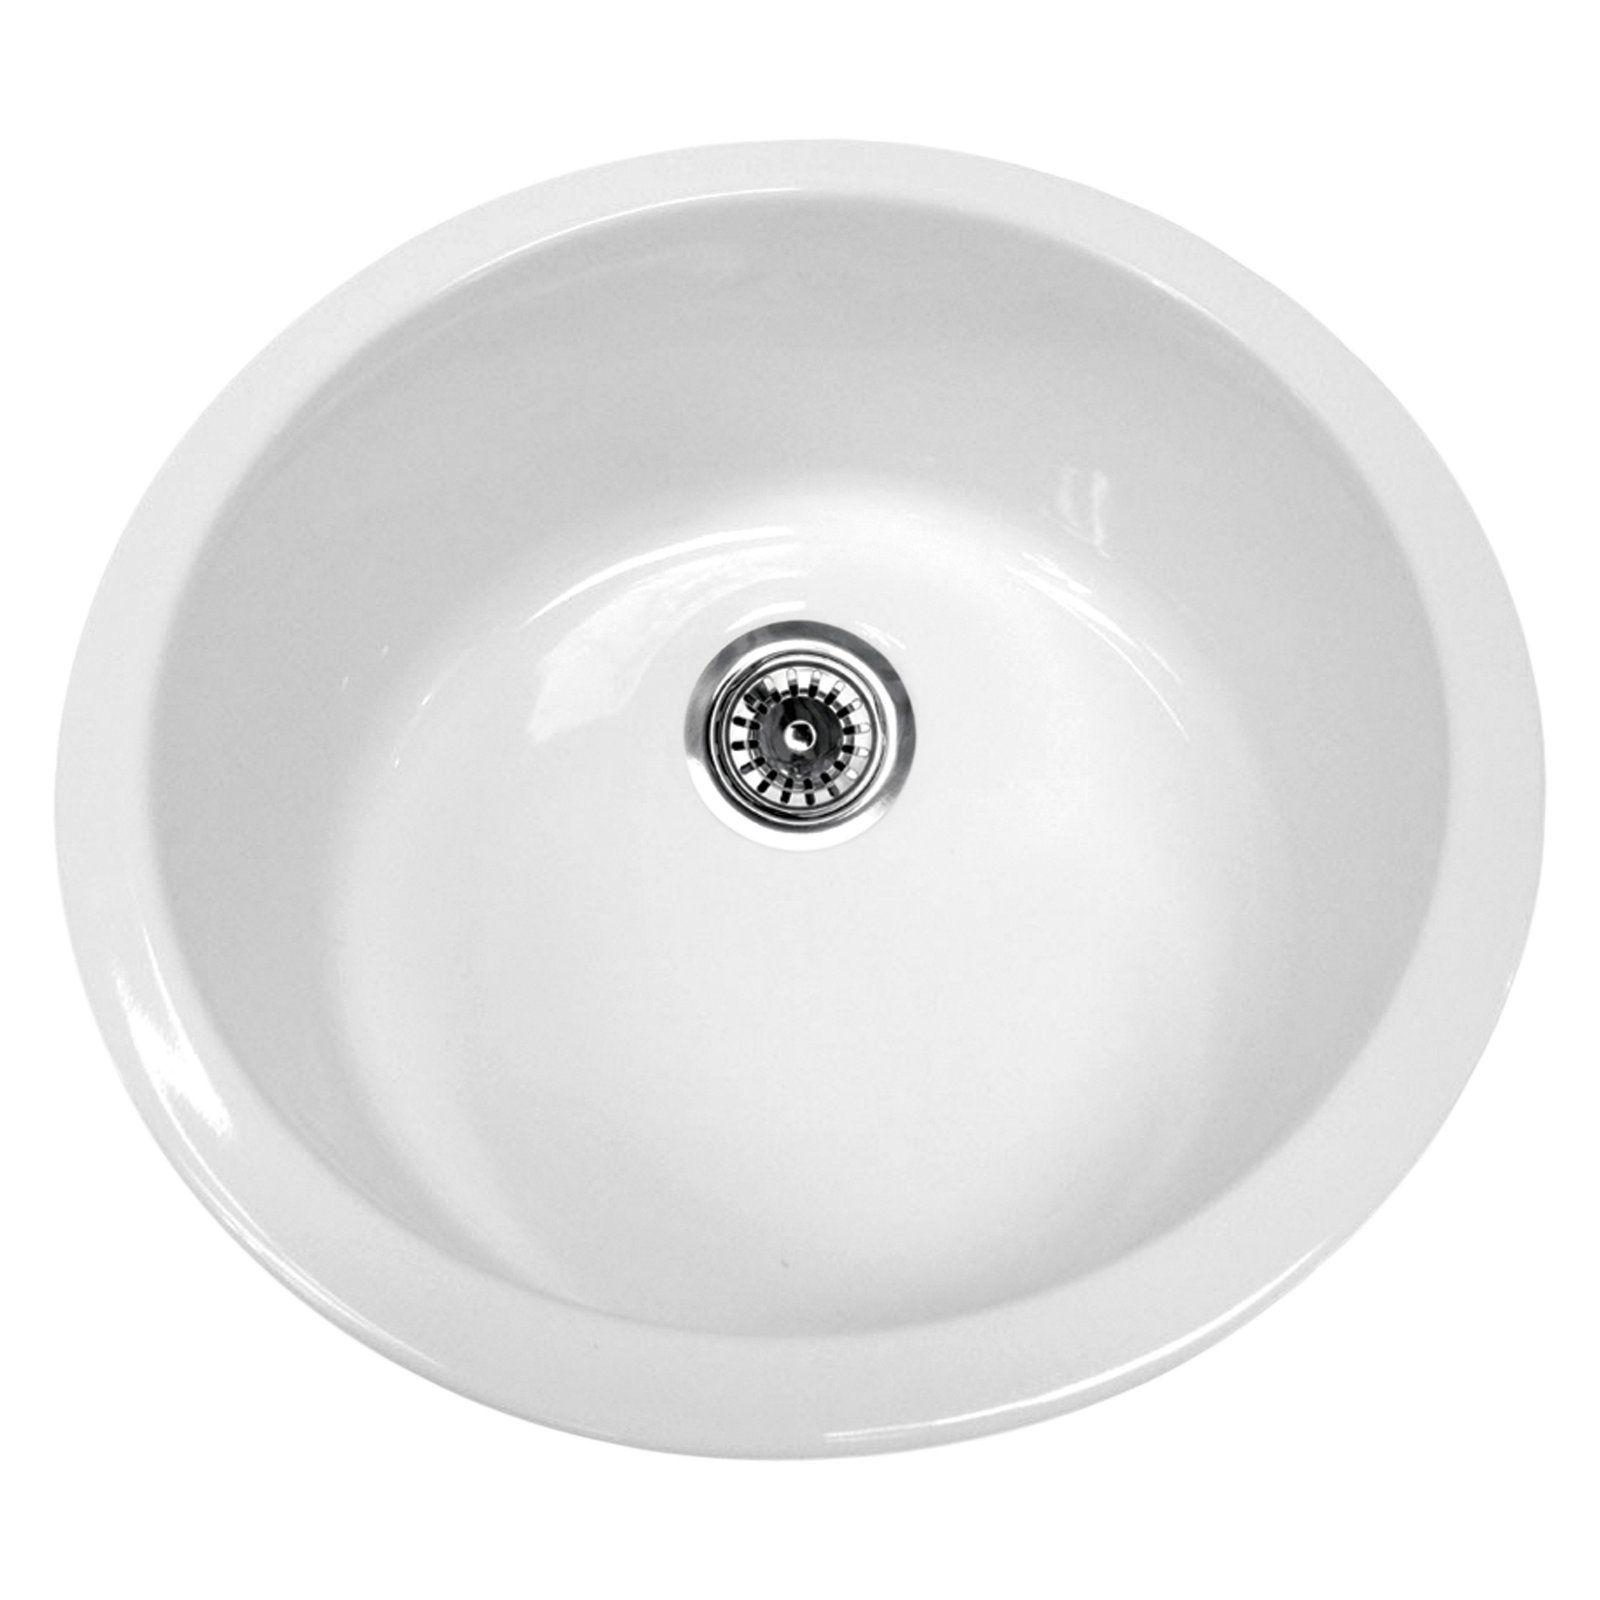 Whitehaus Elementhaus 19 In Round Drop In Undermount Sink Sink